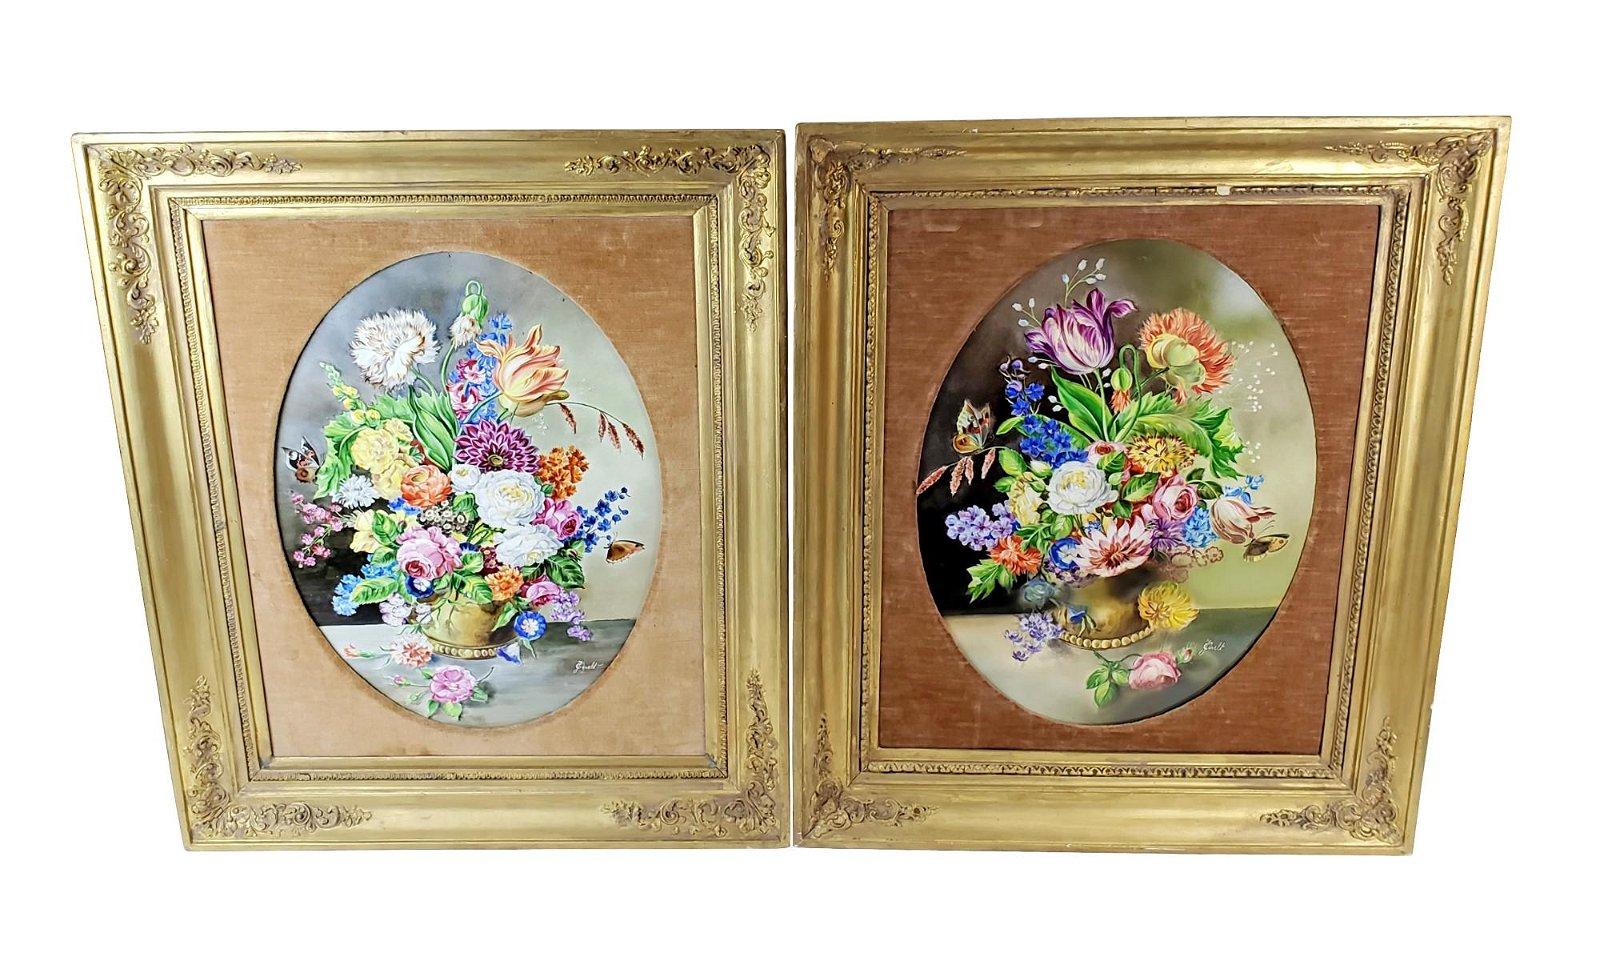 Pair of 19th C. KPM Floral Porcelain Plaques Signed J.